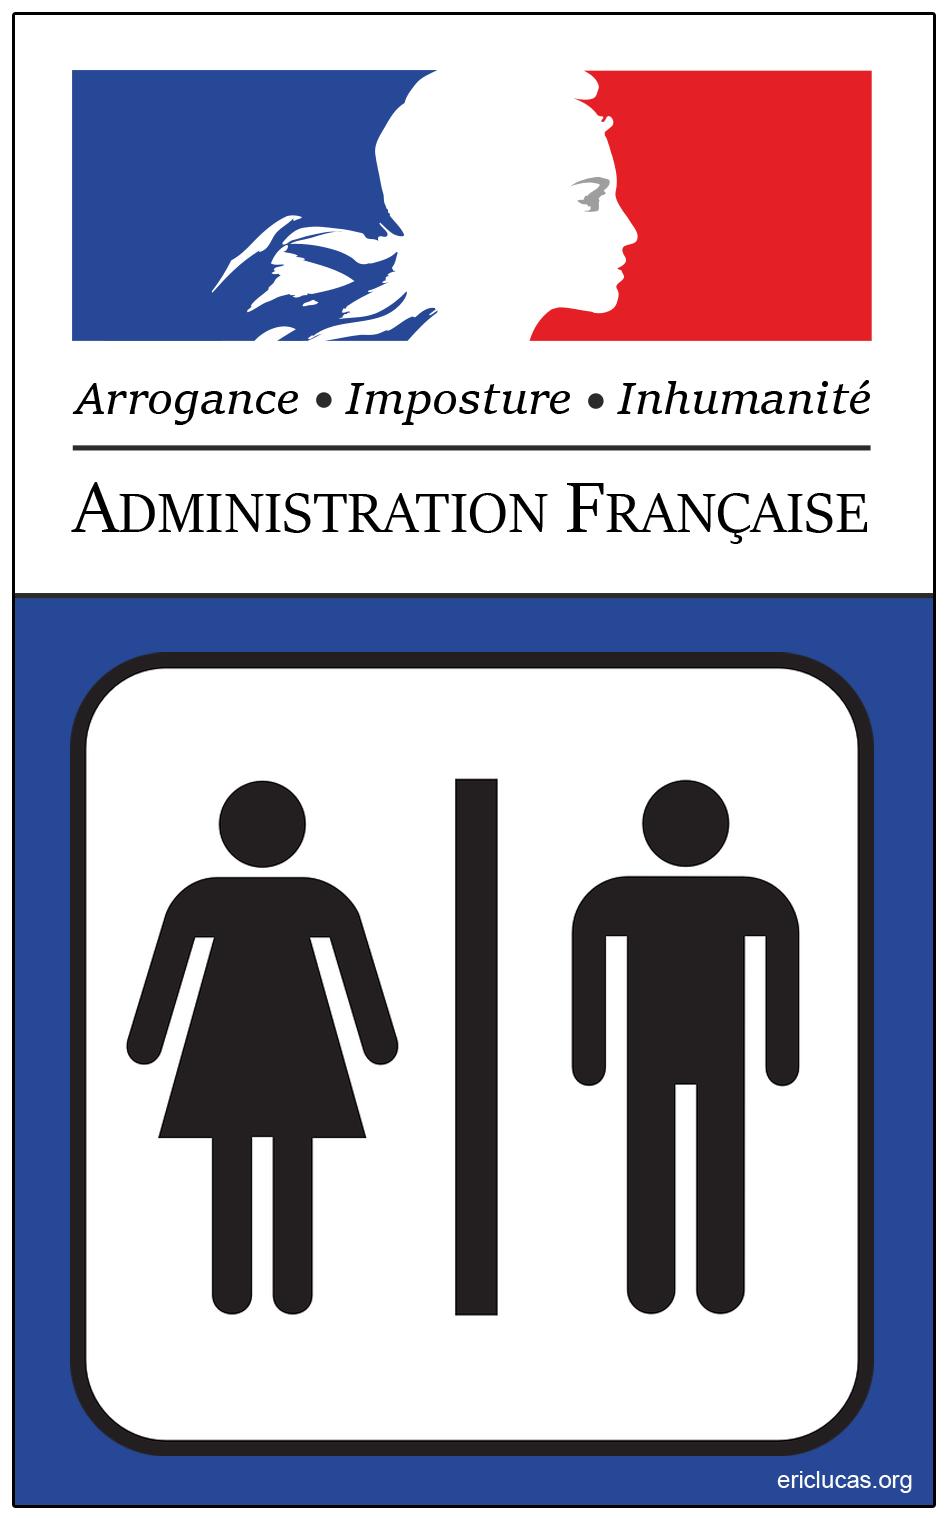 Logo des usurpateurs, tortionnaires, saleté d'Administration française